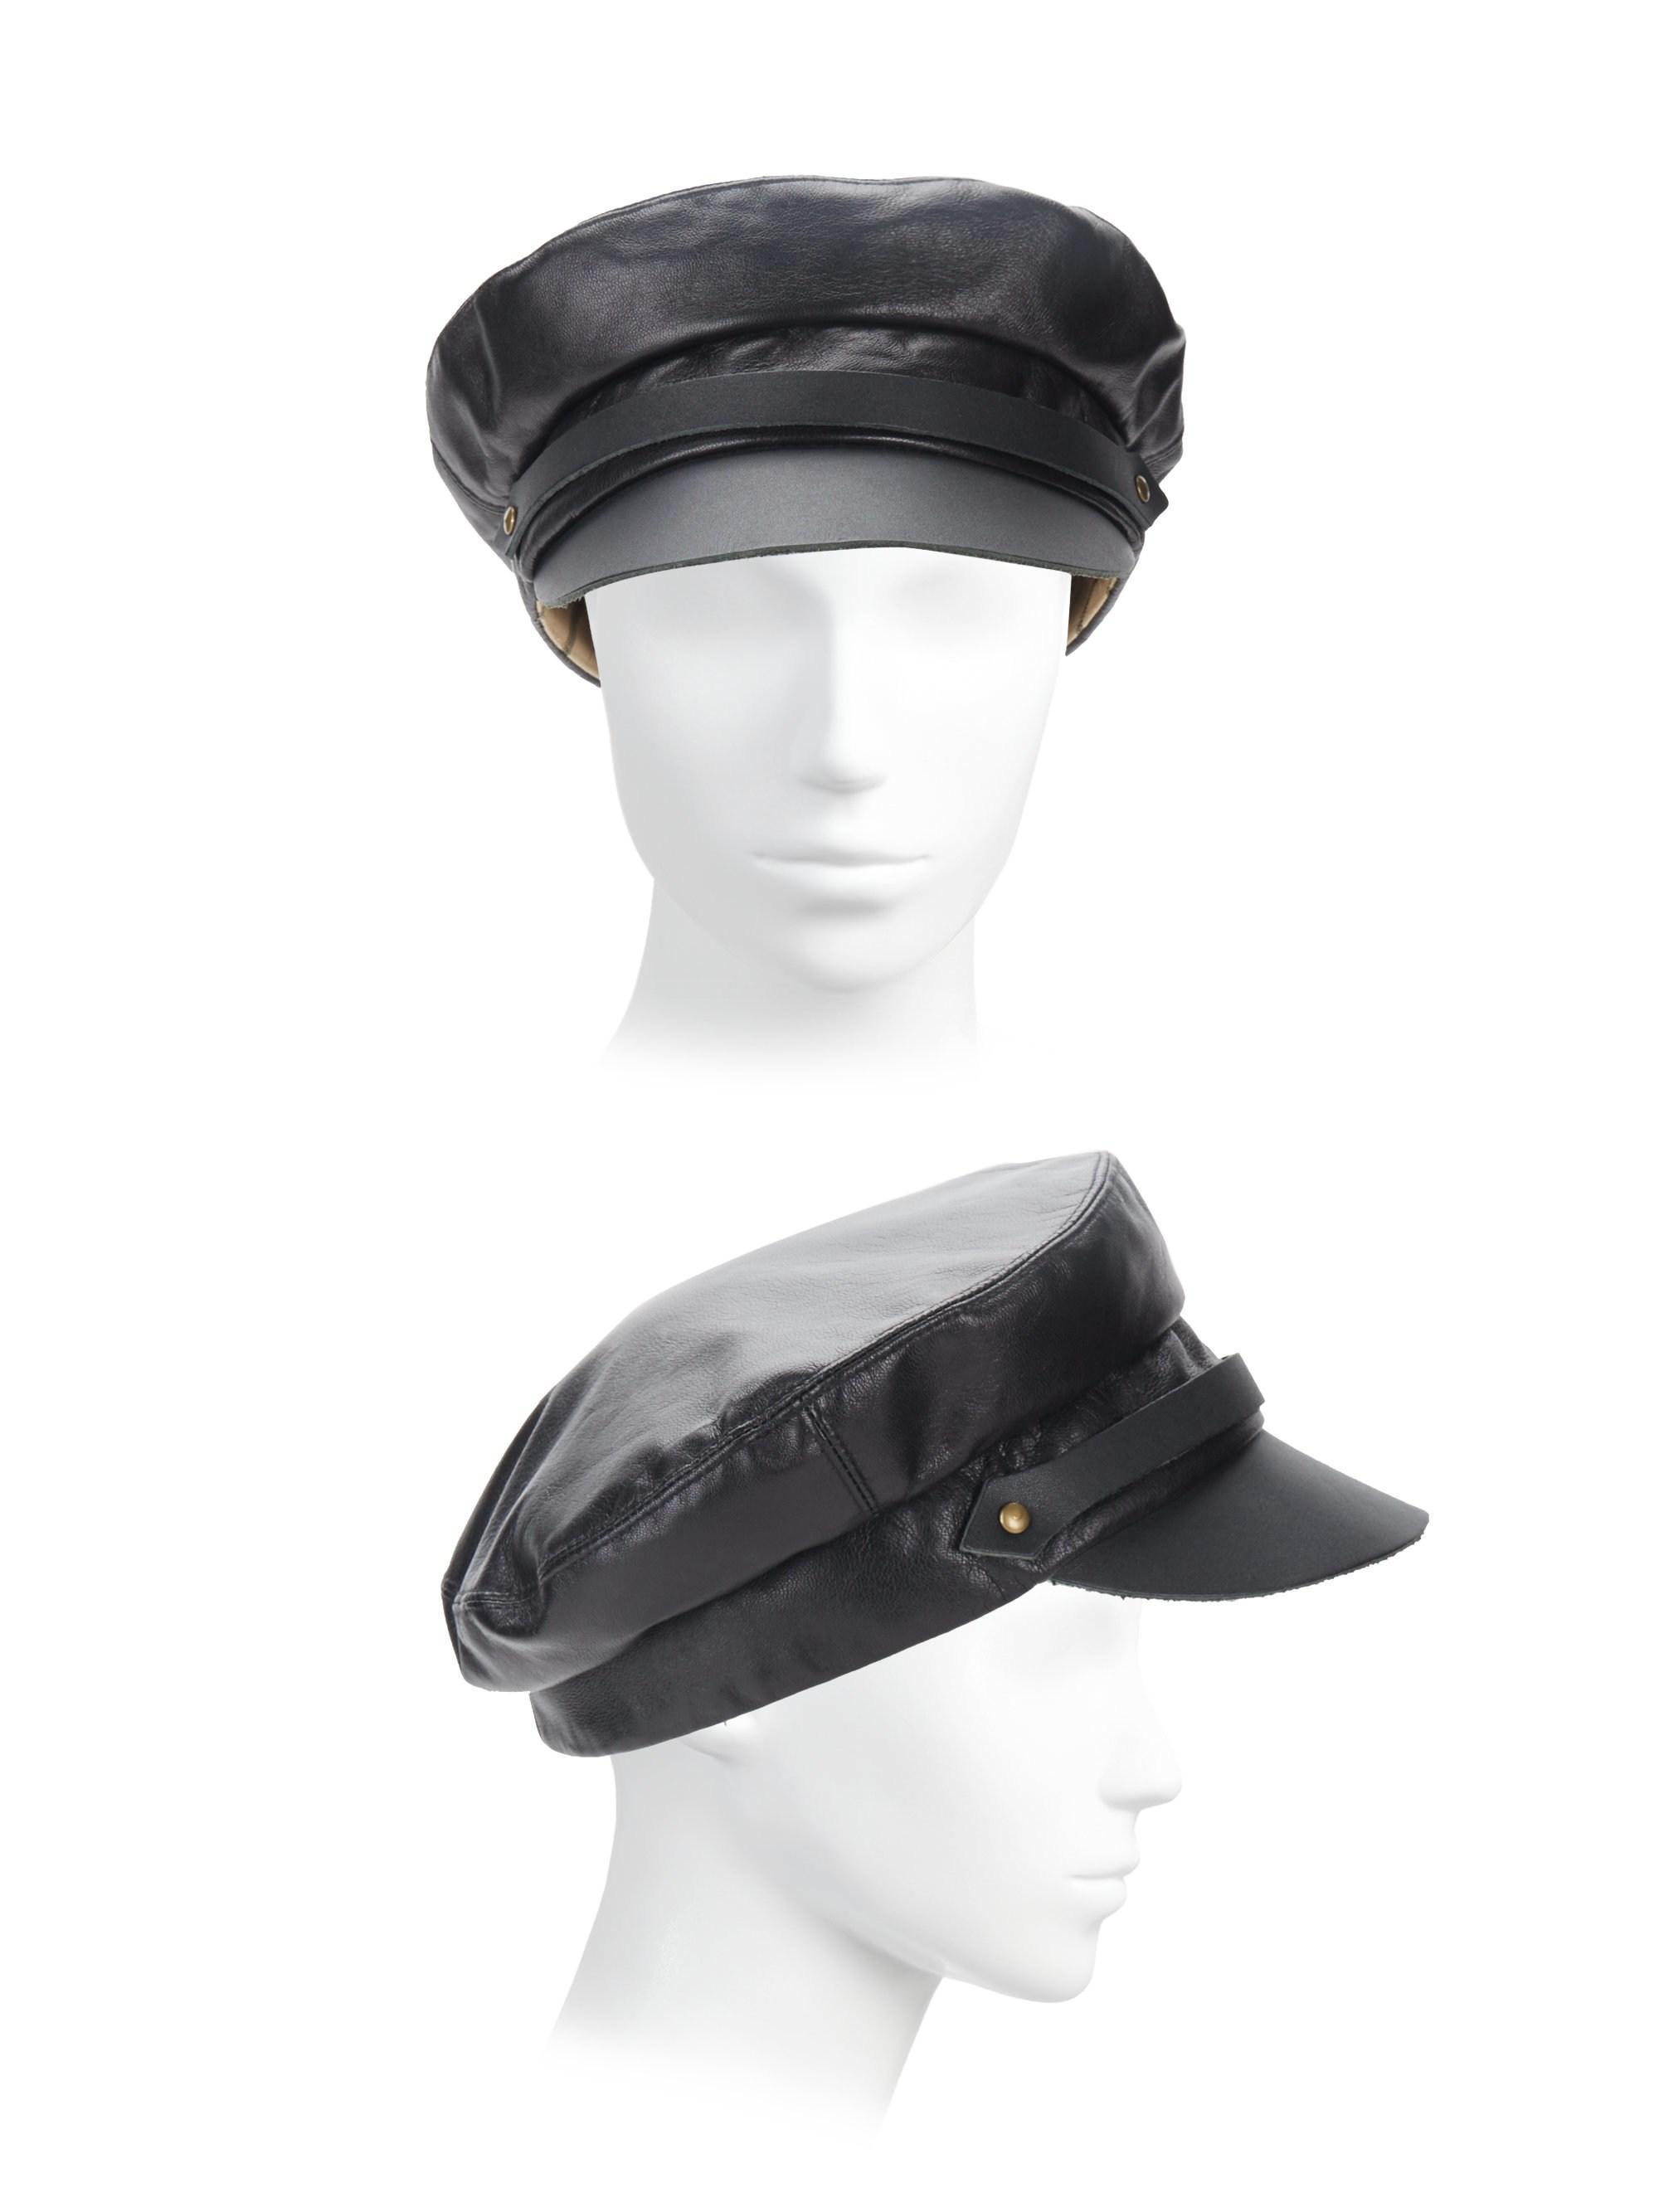 b2e171b544274 Lola Hats Women s Leather Chauffeur Hat - Black in Black - Lyst